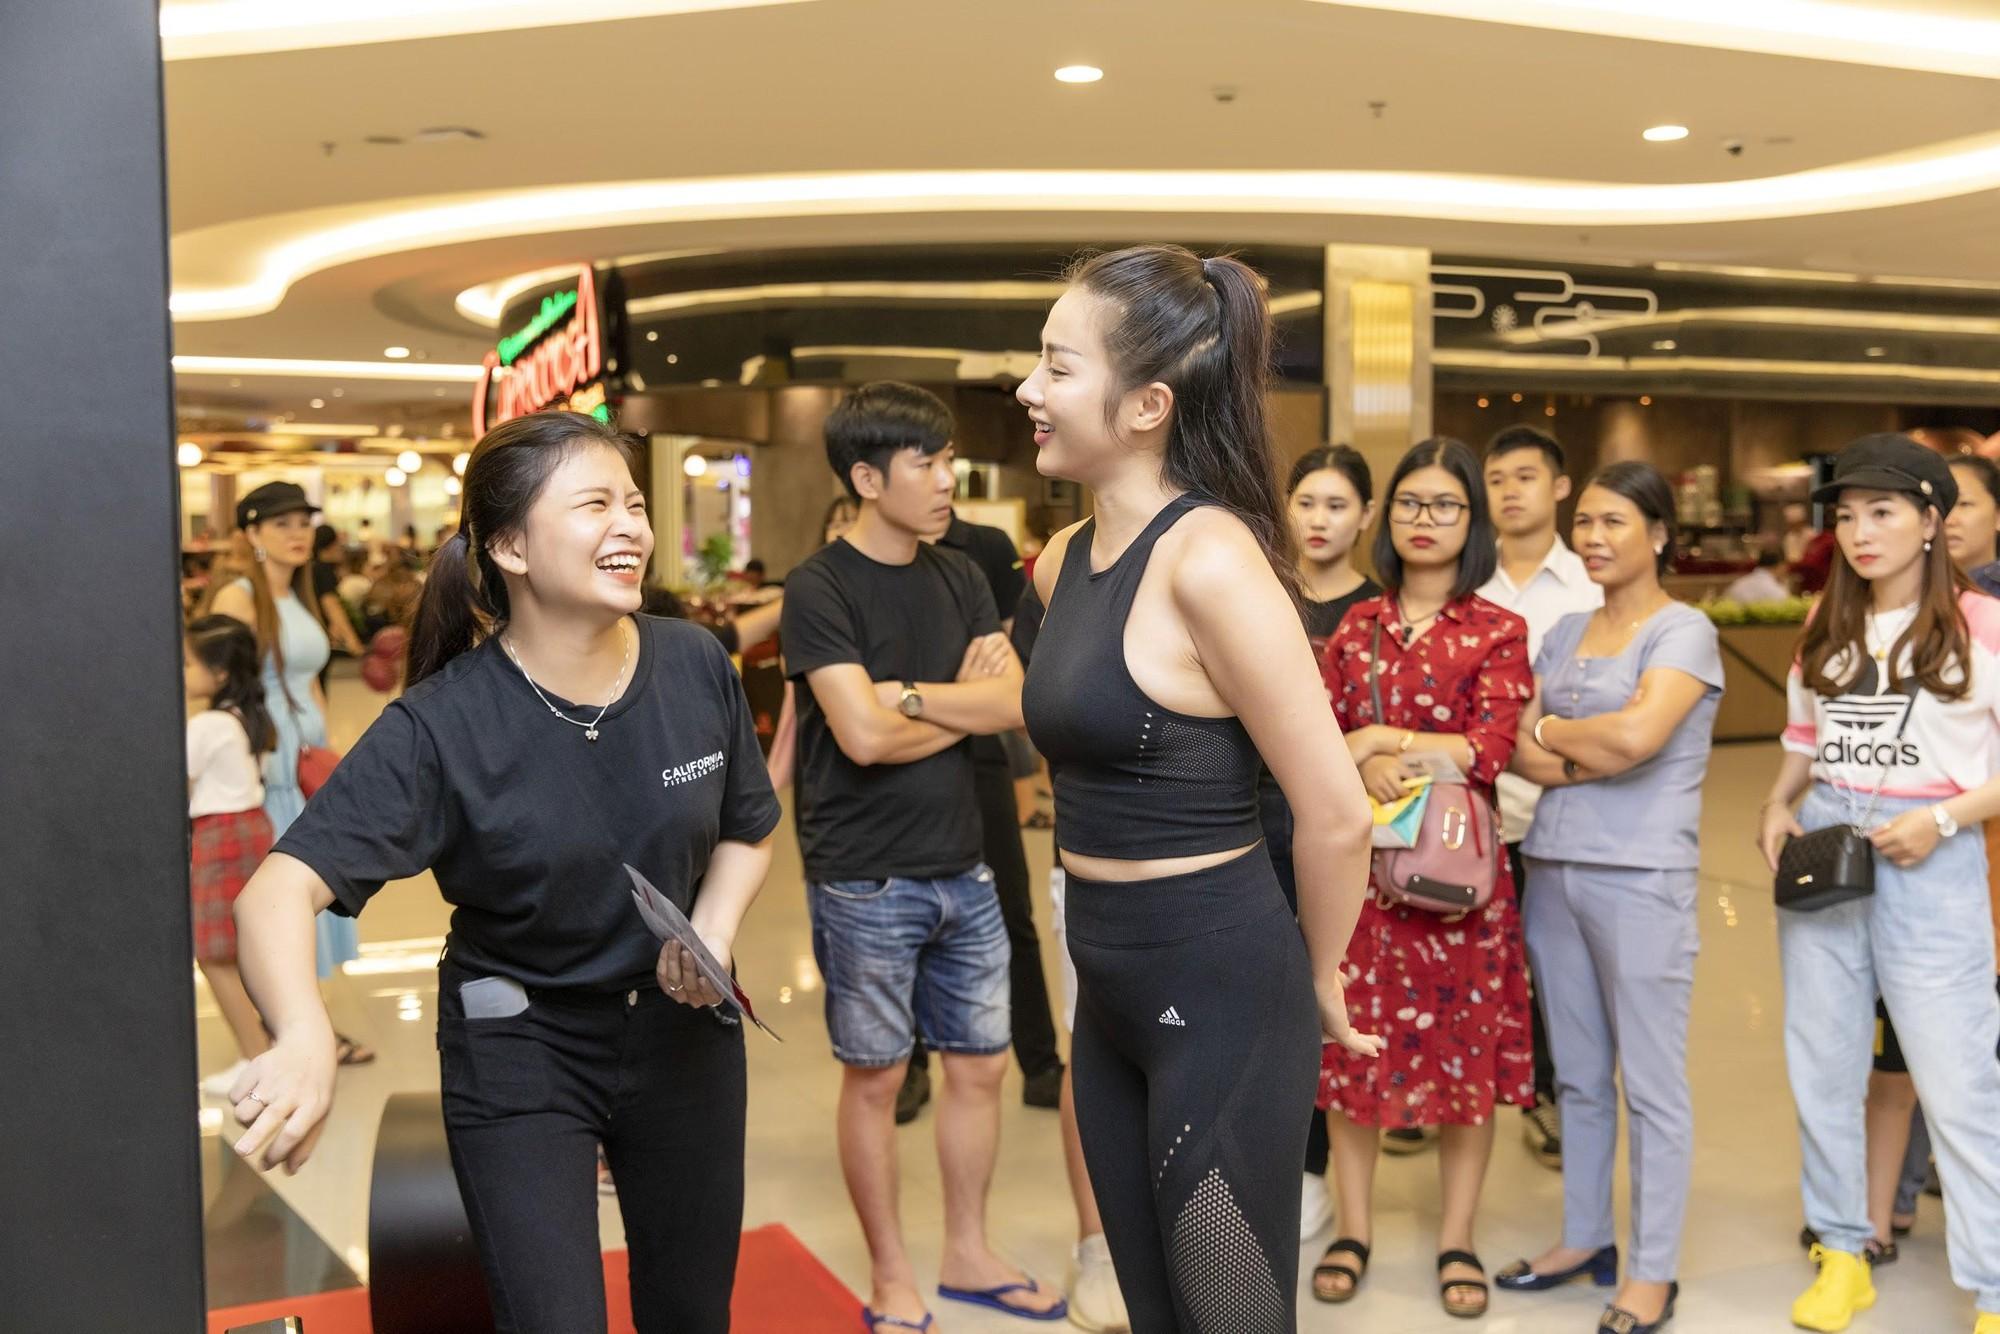 Sao Việt tò mò muốn biết lượng mỡ thừa với máy đo BMI công nghệ cao - Ảnh 1.